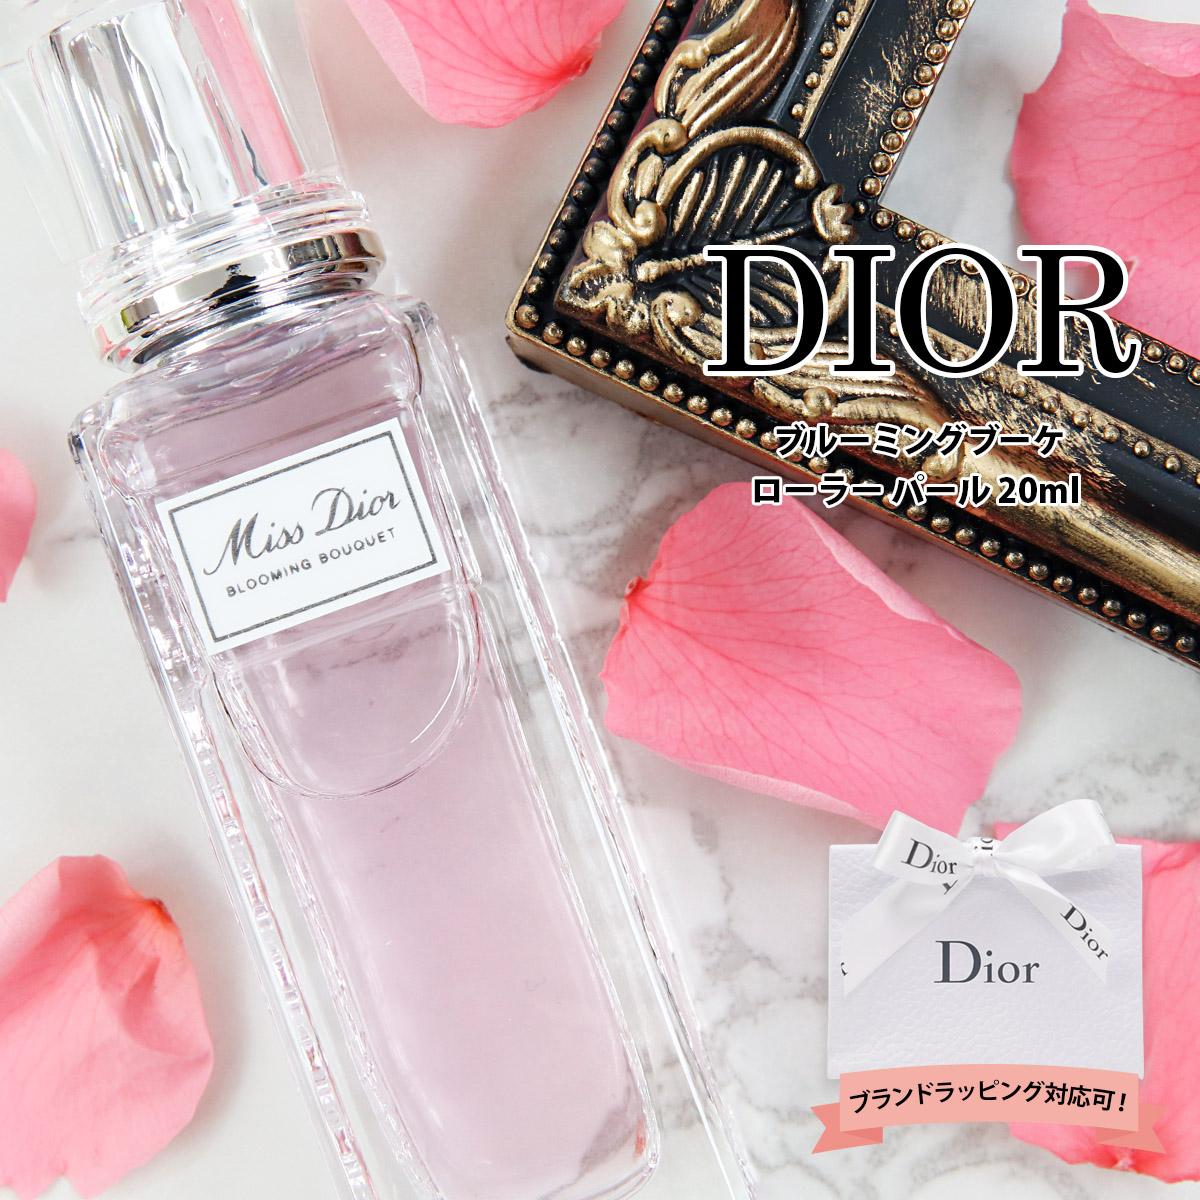 【ポイント最大16倍25日20時~】名入れ クリスチャンディオール Christian Dior 香水 フレグランス ミス ディオール ブルーミング ブーケ ローラー パール 20ml ロールオン 正規品 セール ブランド 新品 新作 2019年 ギフト クリスマス プレゼント